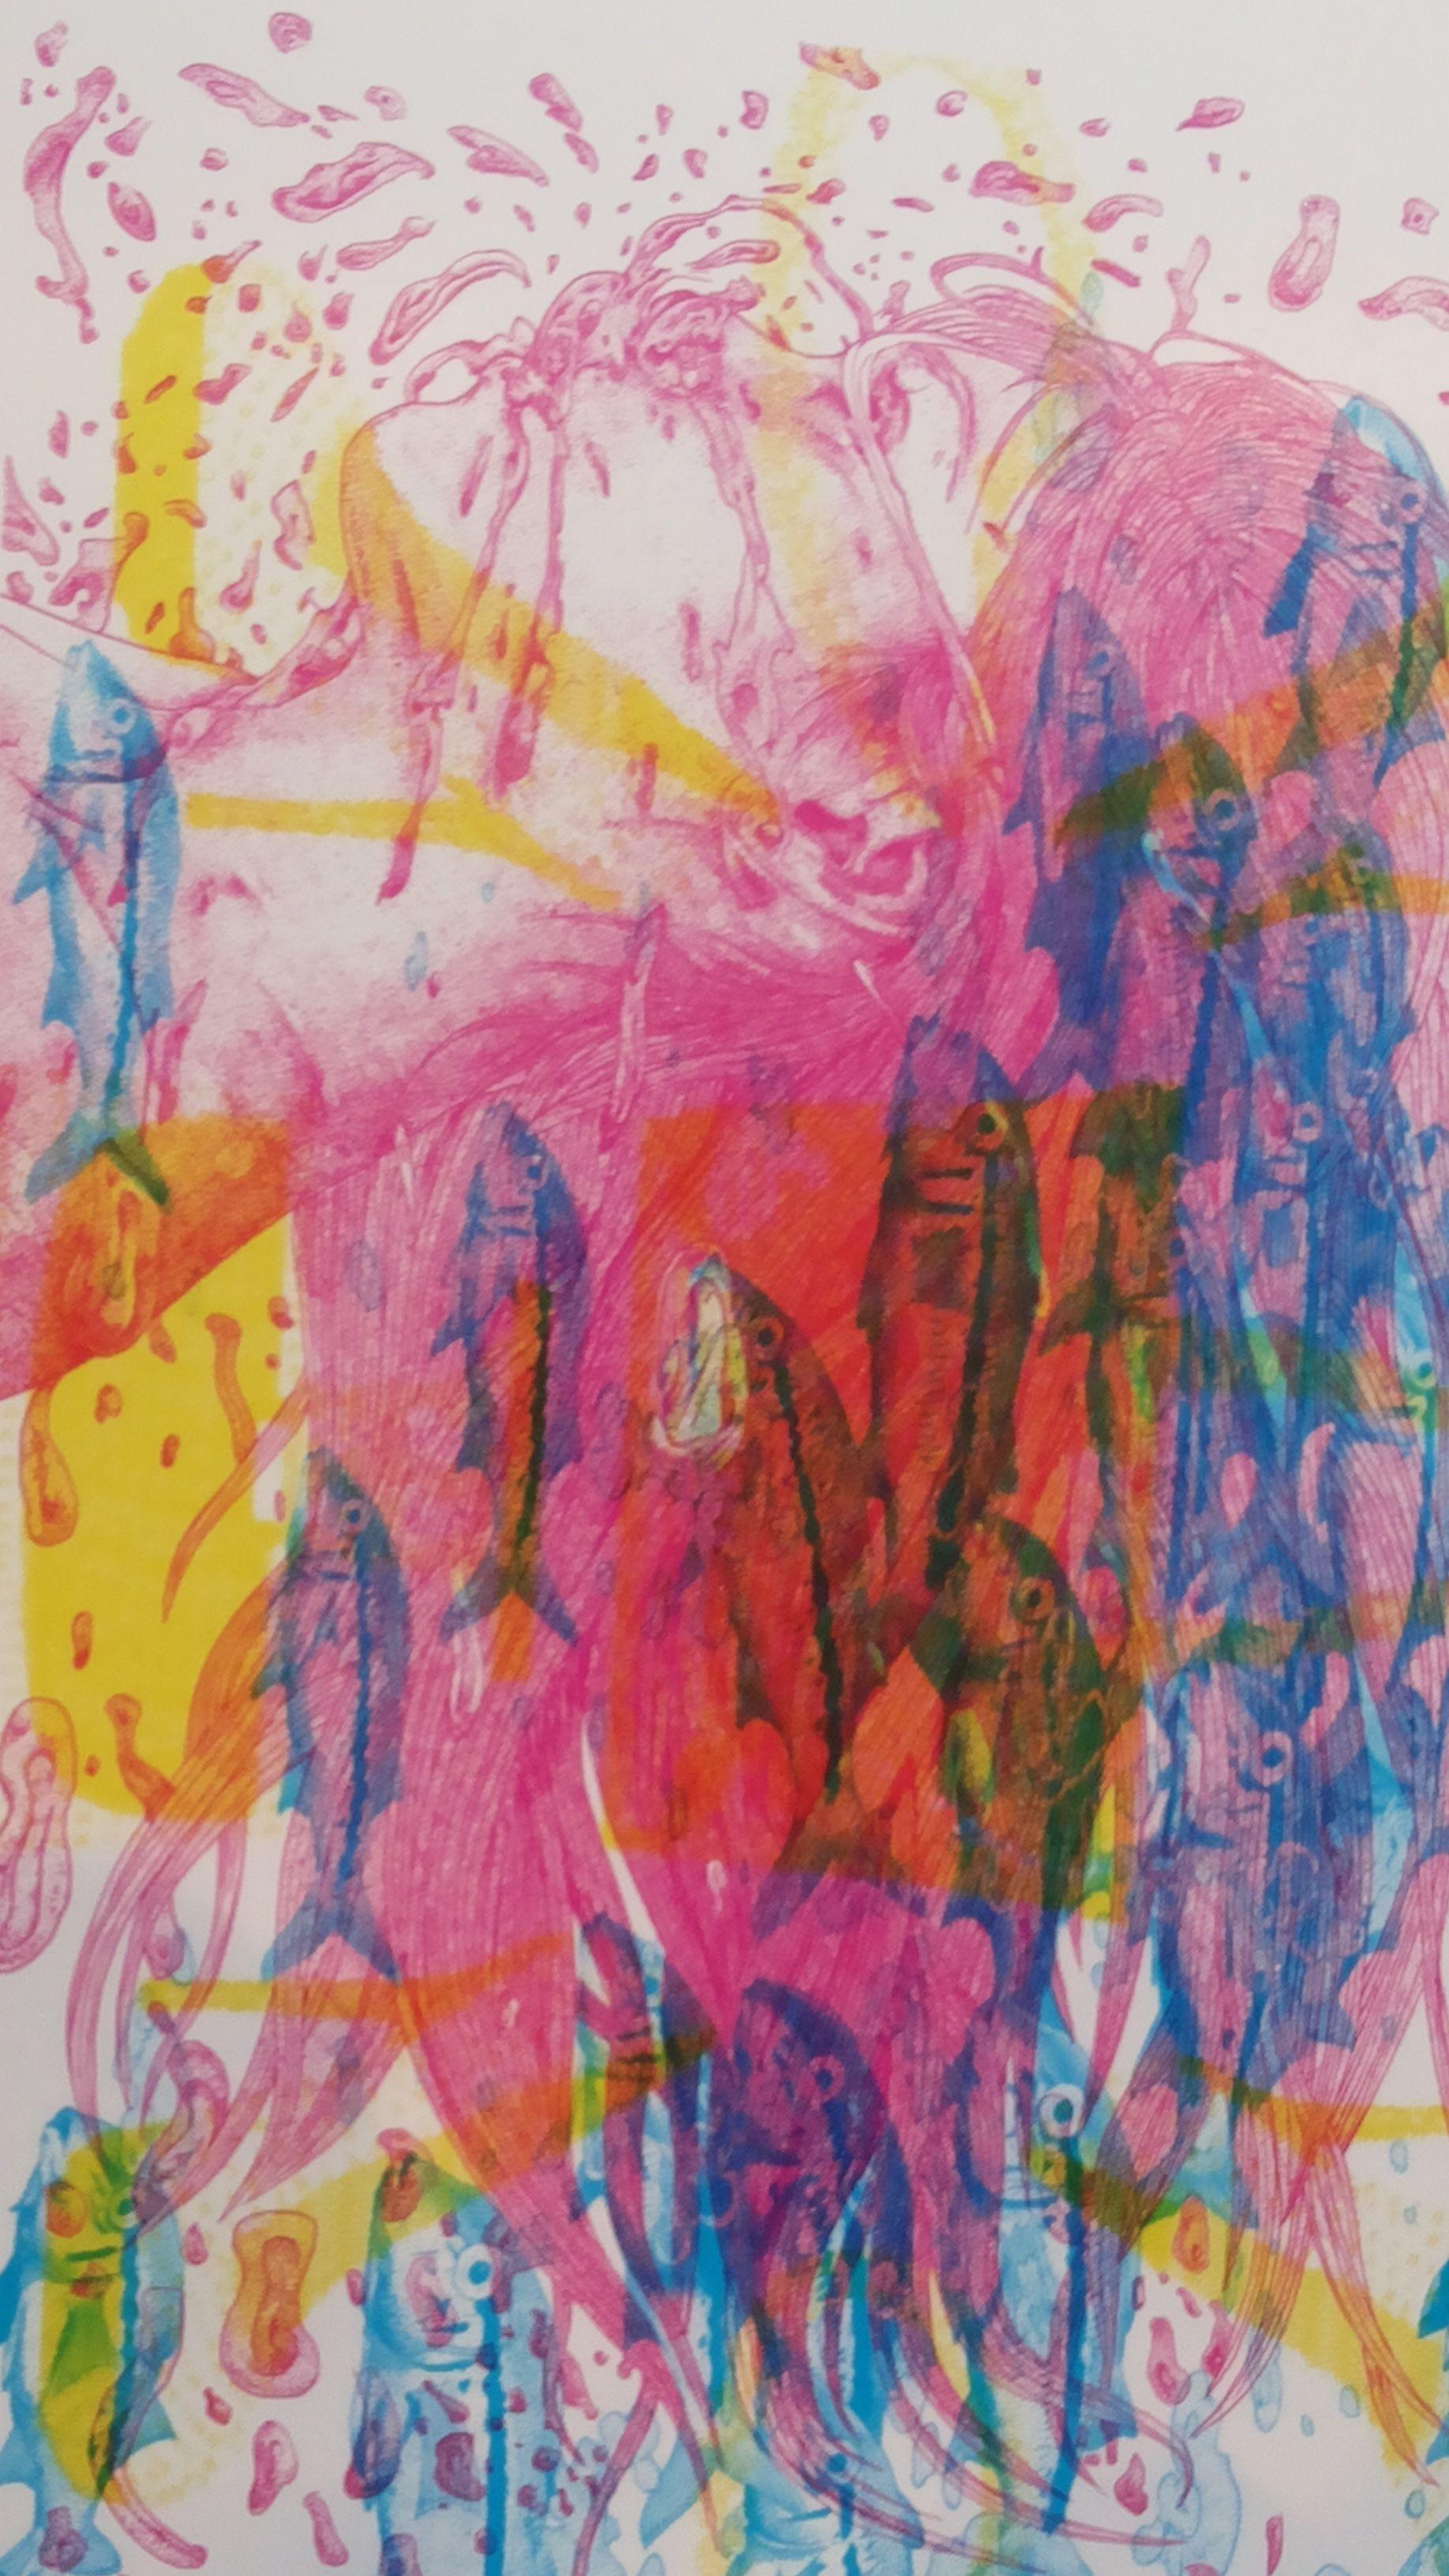 """图画的颜色有东方的味道,画作似乎也能表达出""""年年有余""""的感觉。"""